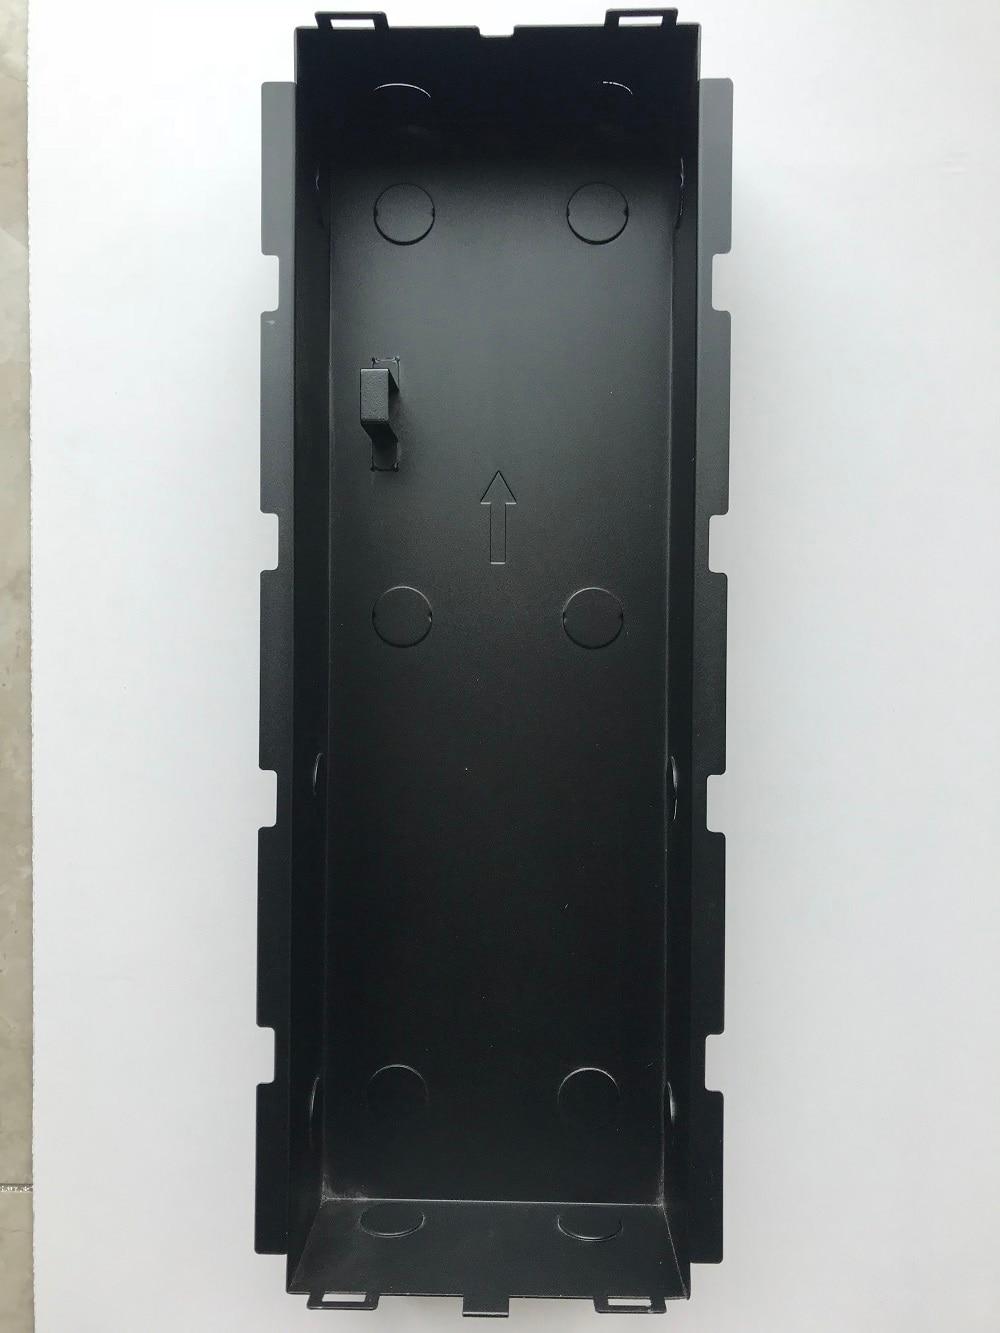 VTM105 Flush Mounted Box  For VTO9231D